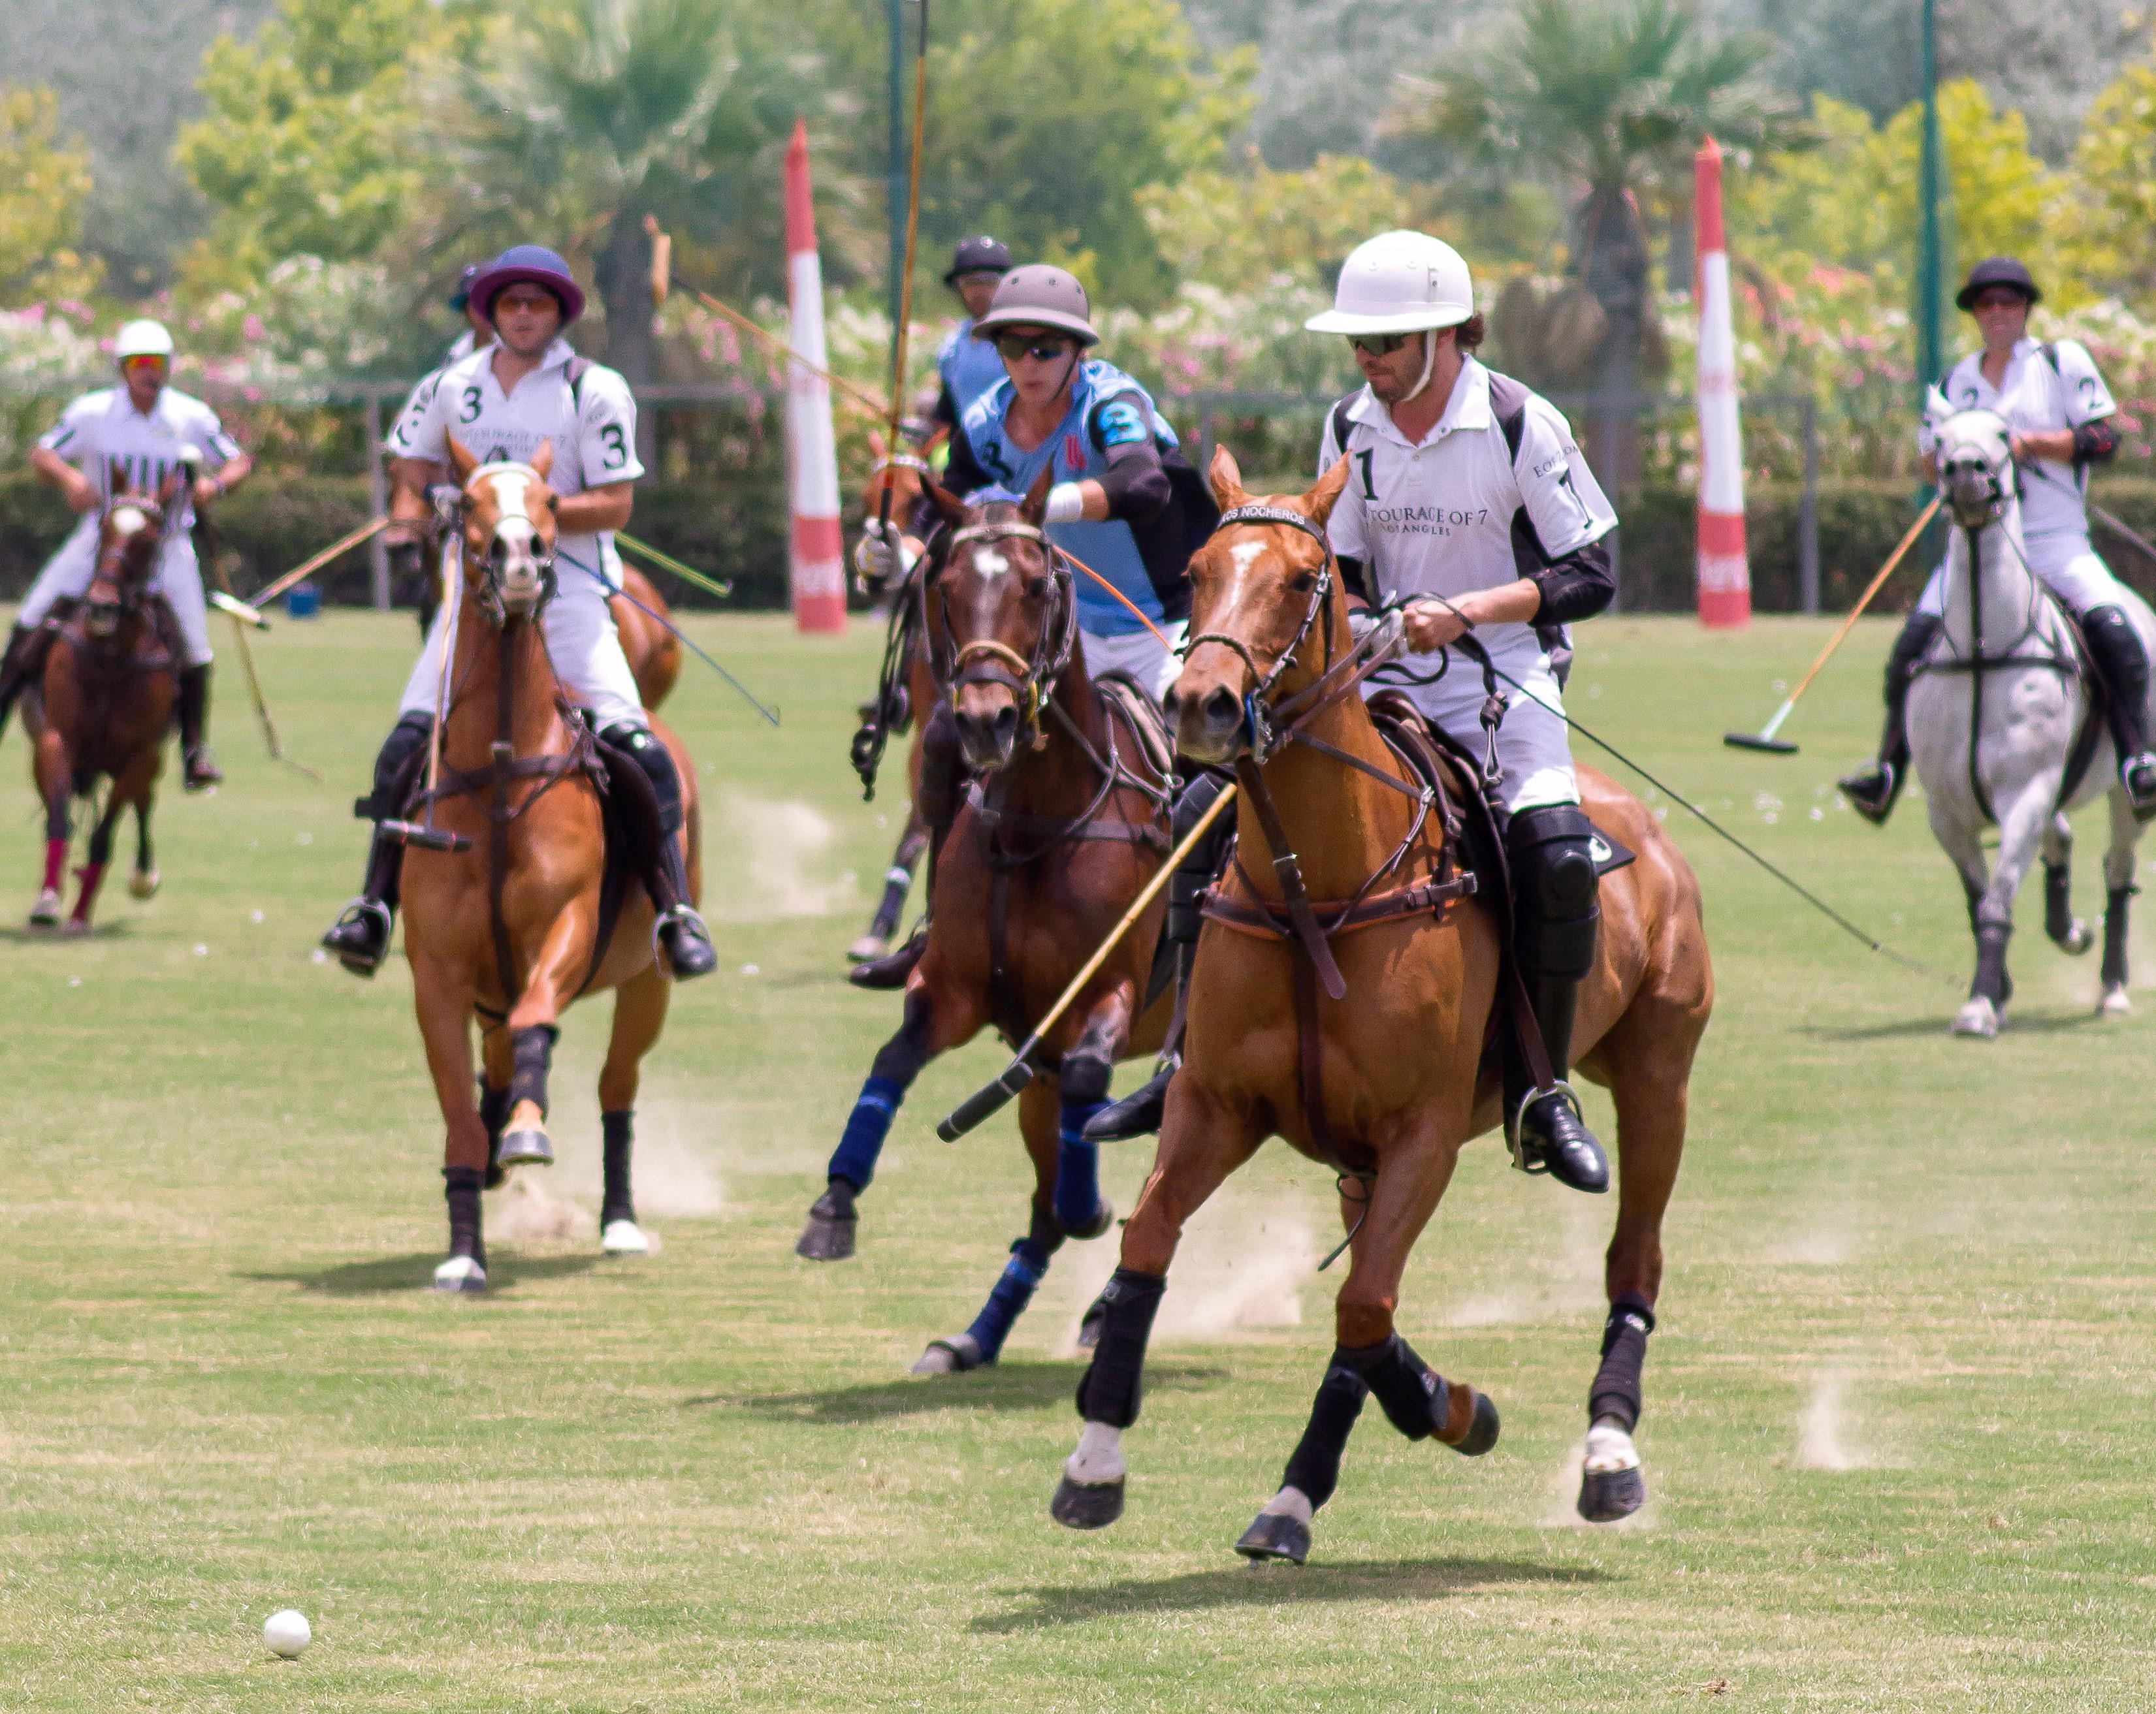 En España, la Argentina Polo Academy reactiva el Club Polo del Sol